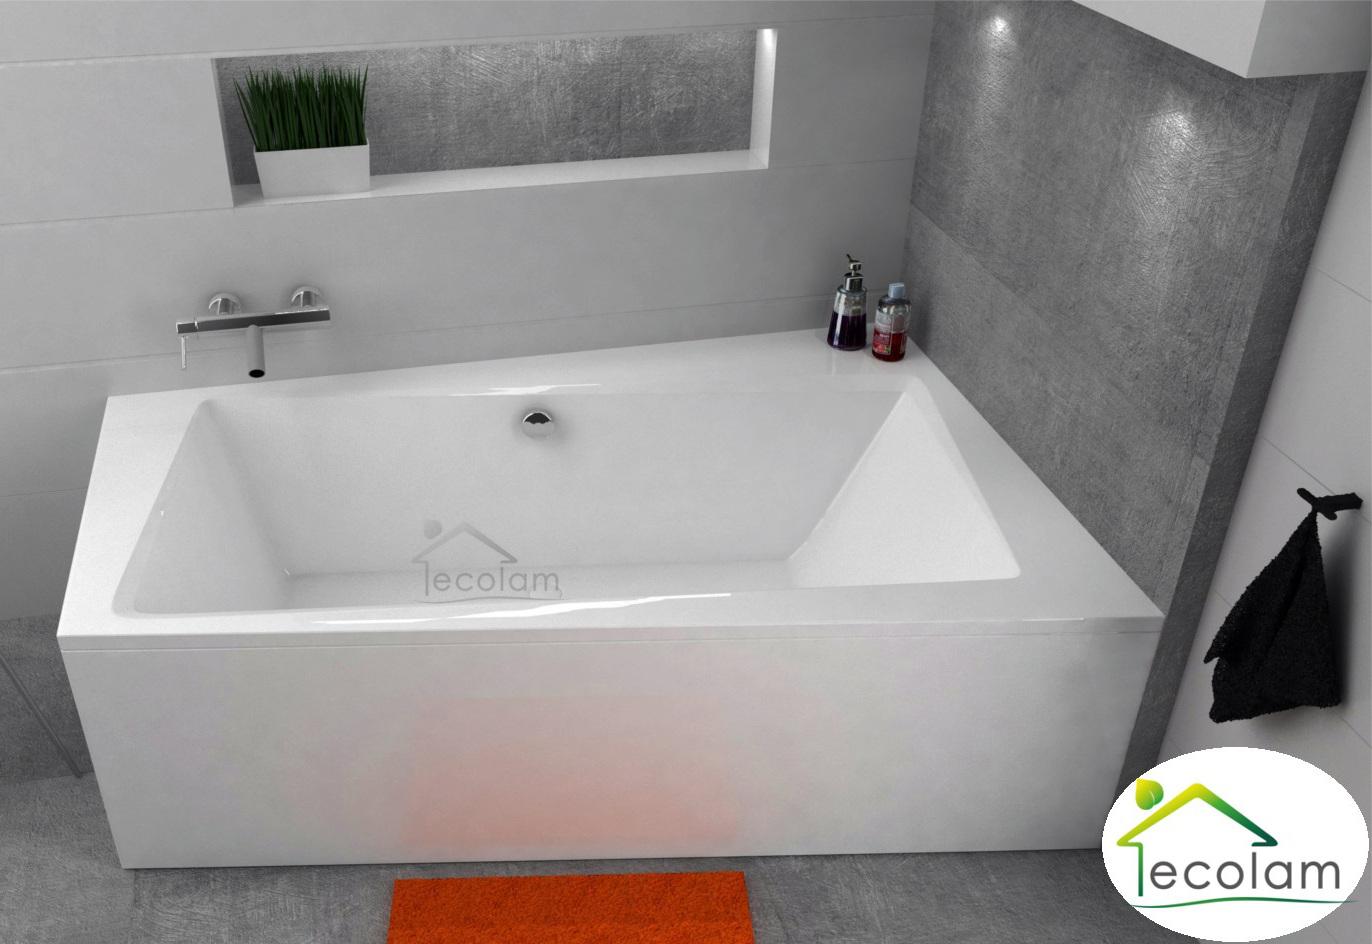 badewanne trapez eckwanne 150 x 90 160 x 100 170 x 110 cm sch rze ablauf rechts. Black Bedroom Furniture Sets. Home Design Ideas